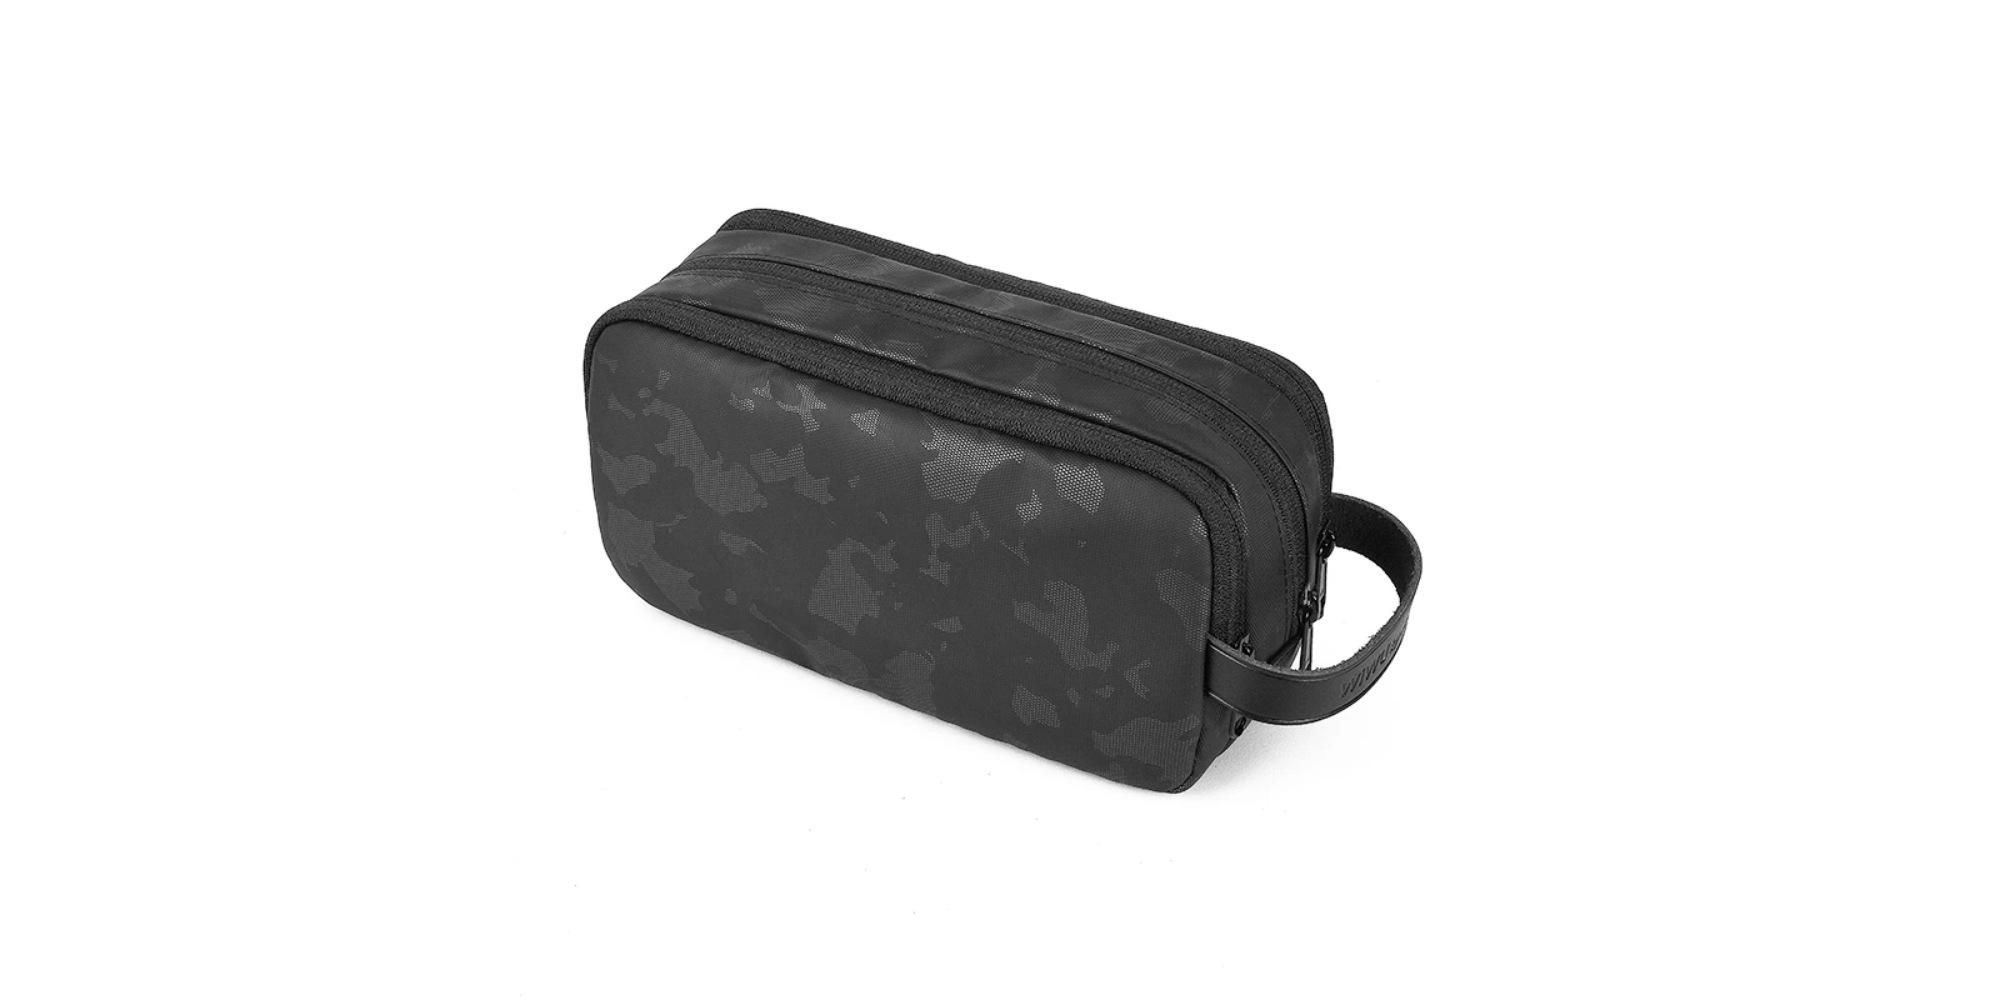 WIWU SALEM TRAVEL POUCH - أفضل حقائب محمولة